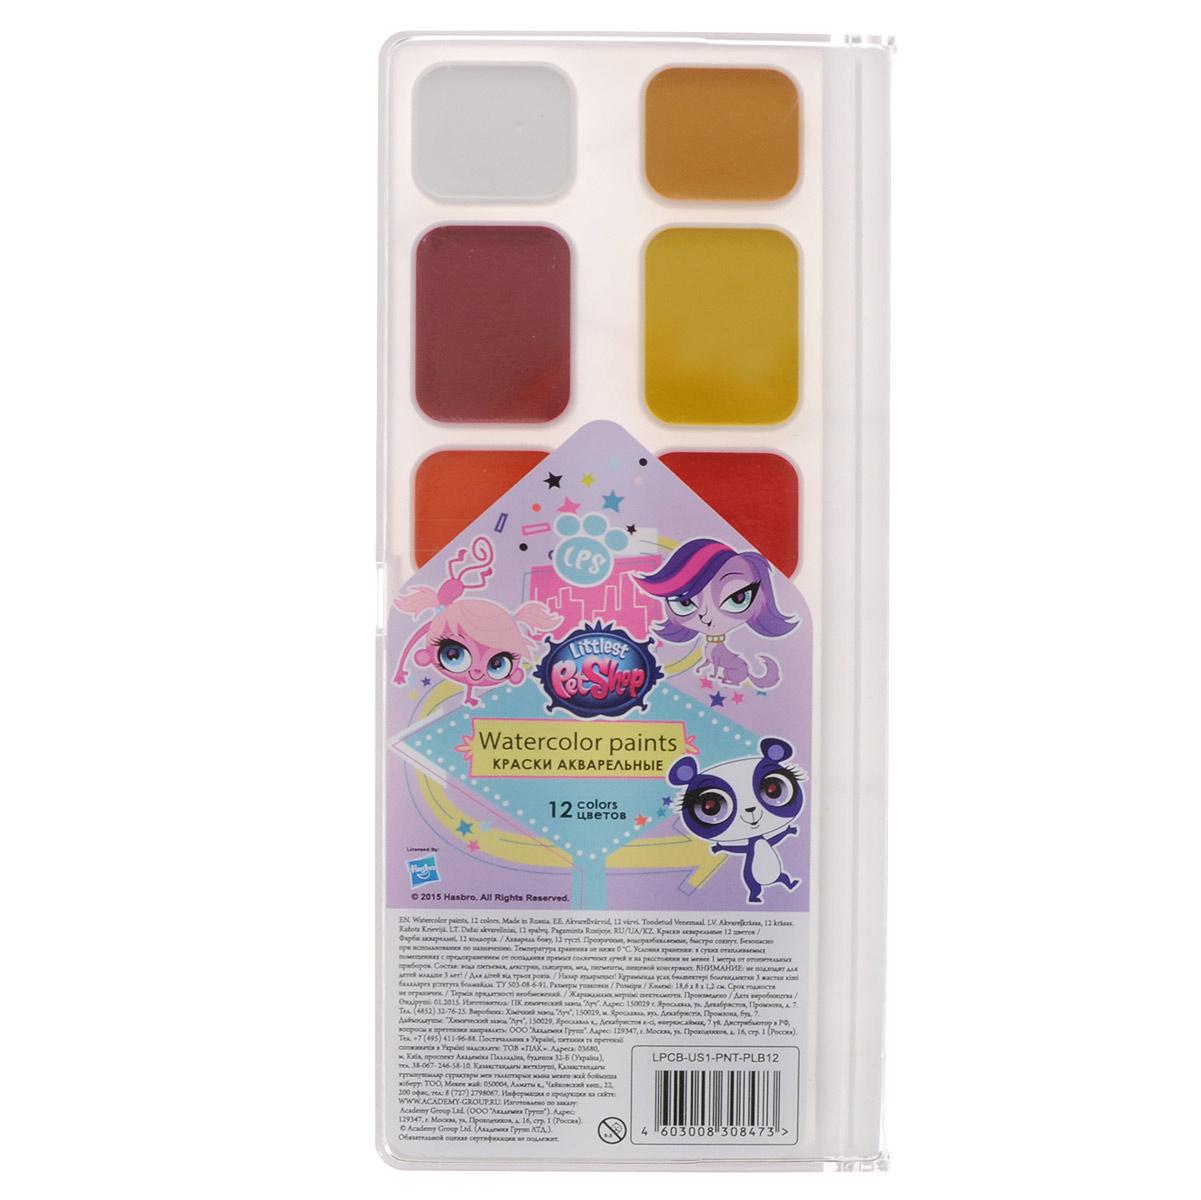 Краски акварельные медовые Littlest Pet Shop, 12 цветовLPCB-US1-PNT-PLB12Медовые акварельные краски Littlest Pet Shop идеально подойдут для детского художественного творчества, изобразительных и оформительских работ. Краски легко размываются, создавая прозрачный цветной слой, легко смешиваются между собой, не крошатся и не смазываются, быстро сохнут.В набор входят краски 12 ярких насыщенных цветов и оттенков. В процессе рисования у детей развивается наглядно-образное мышление, воображение, мелкая моторика рук, творческие и художественные способности, вырабатывается усидчивость и аккуратность.